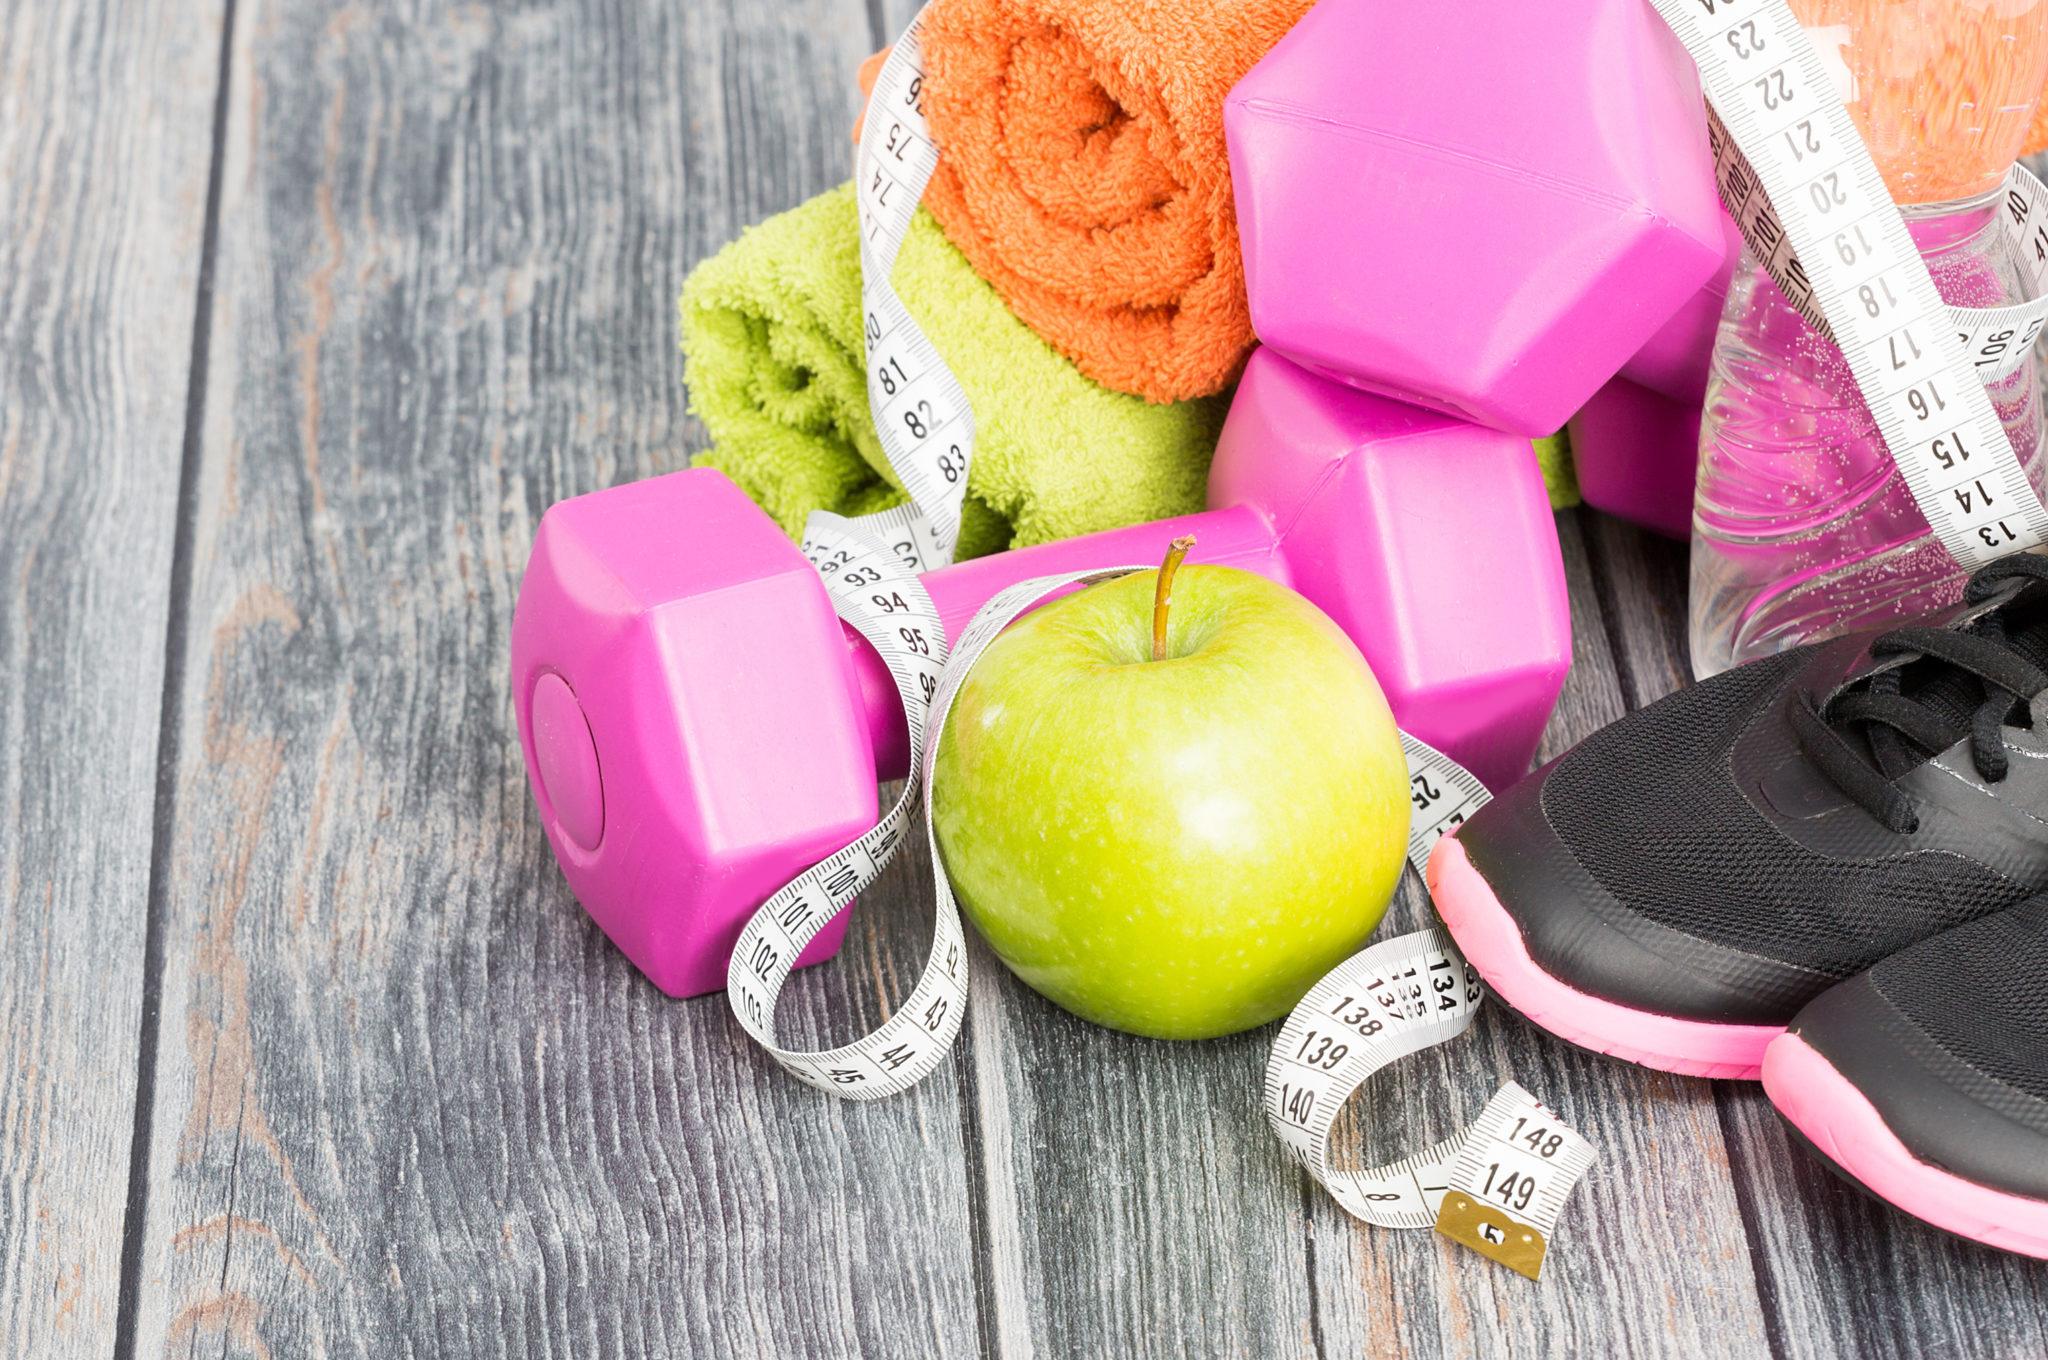 Gesundheit, Bewegung, Ernährung, Hanteln, Apfel, Turnschuhe, Messband